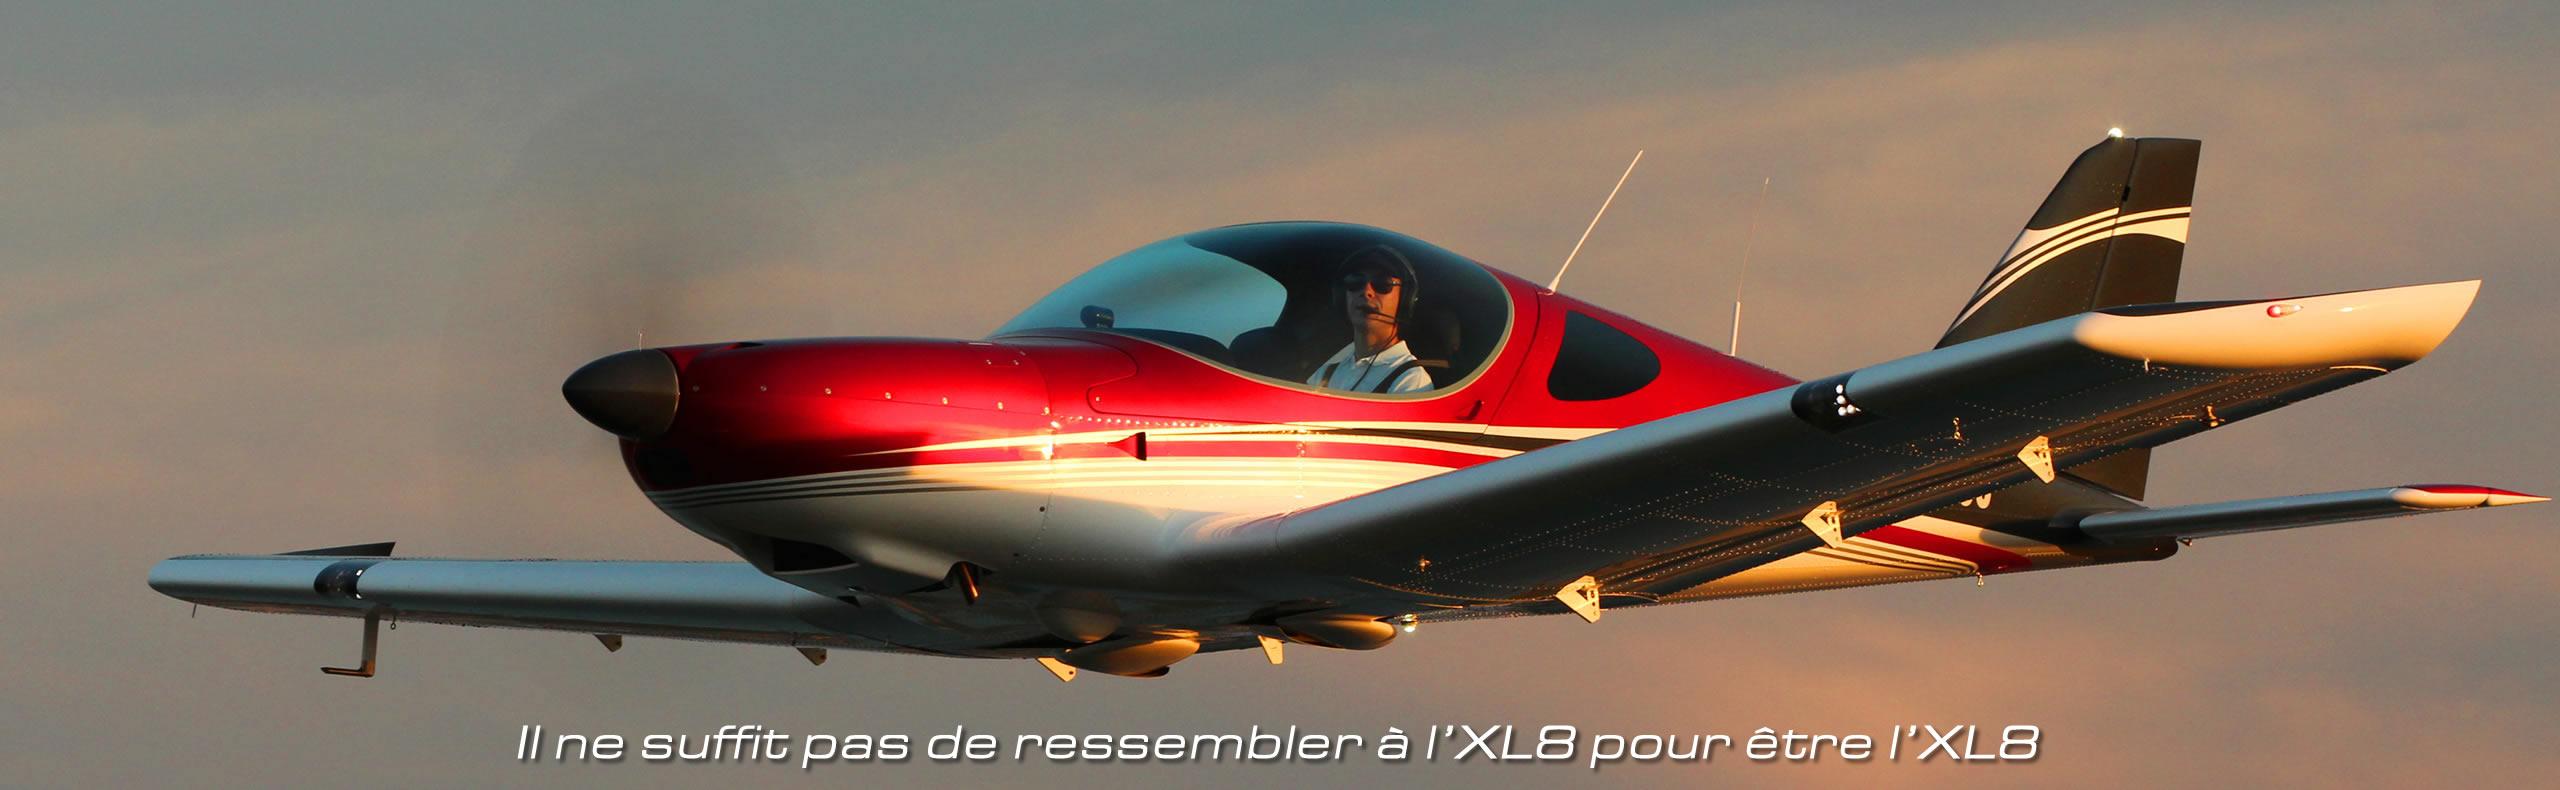 ULM XL8